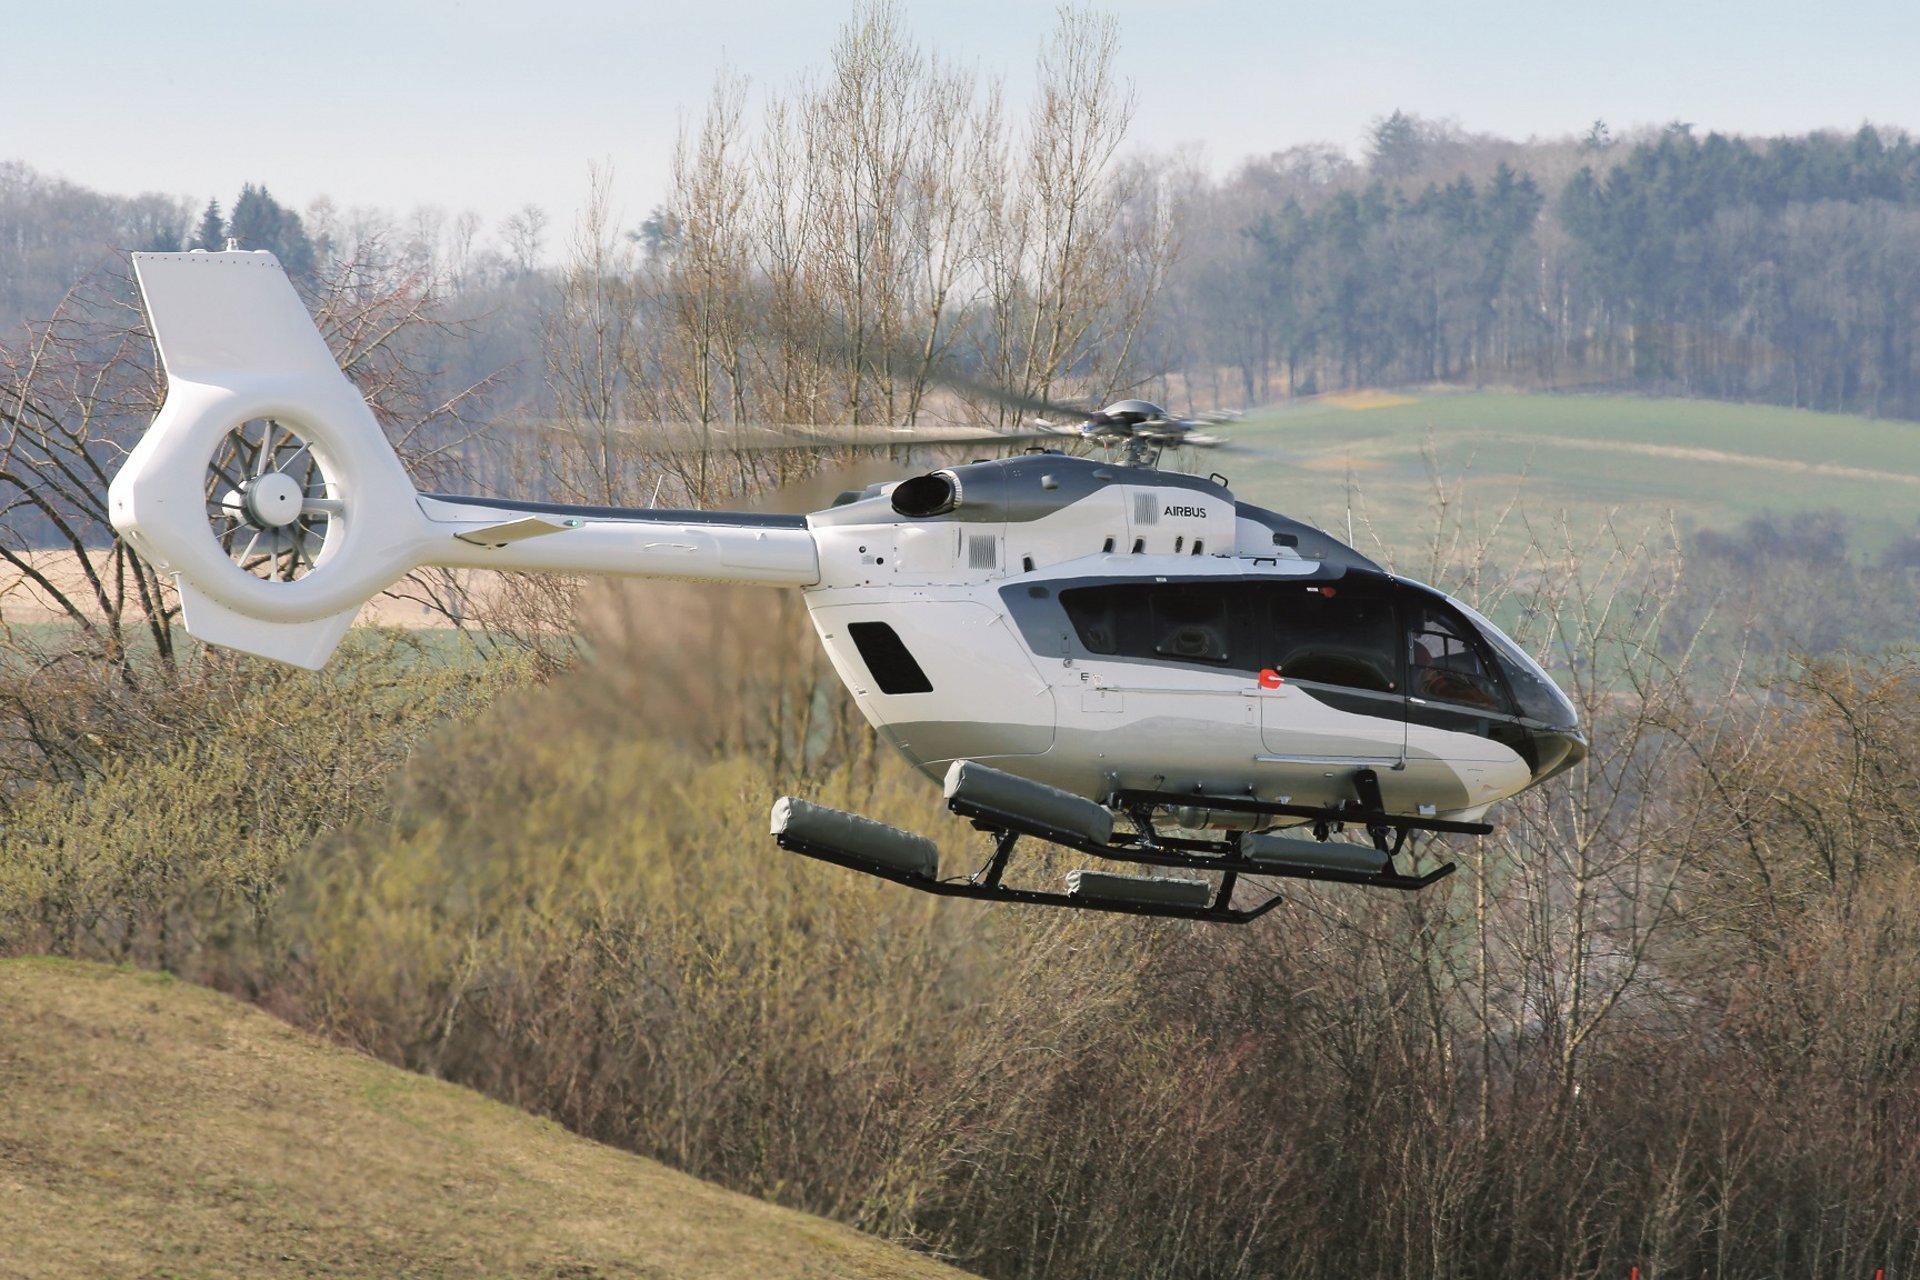 ACH145 1 1 - Вертолётное такси в Нью-Йорке